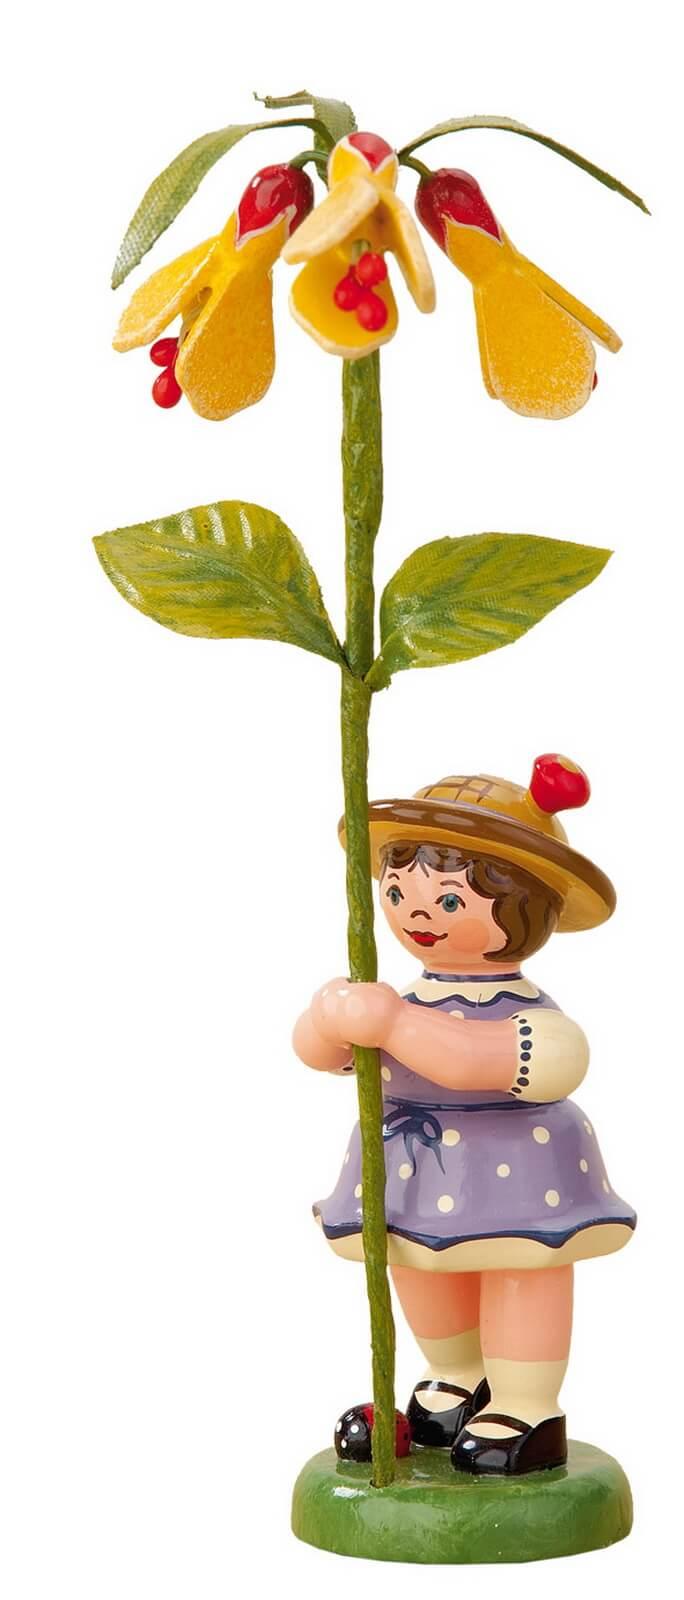 Mädchen mit Schönmalve aus der Serie Hubrig Blumenkinder